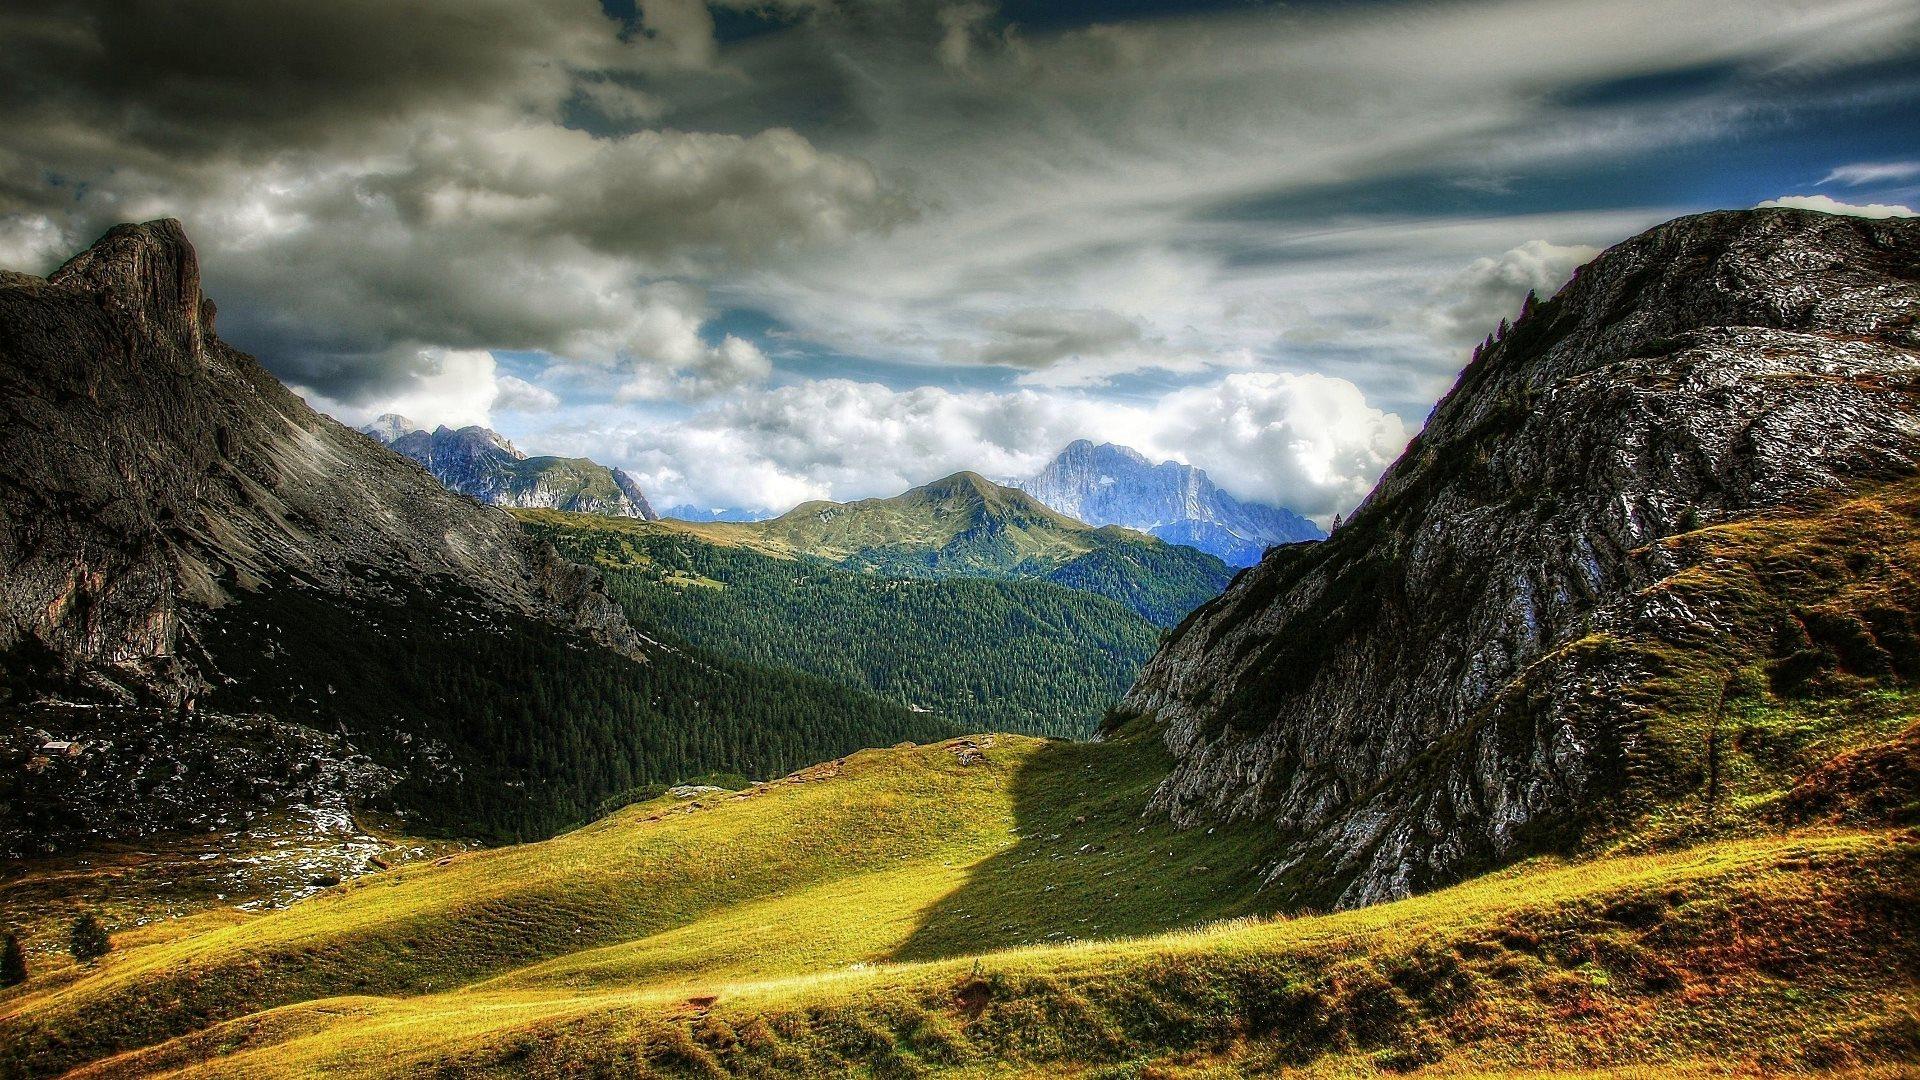 Landschaftsbilder Natur Kostenlos